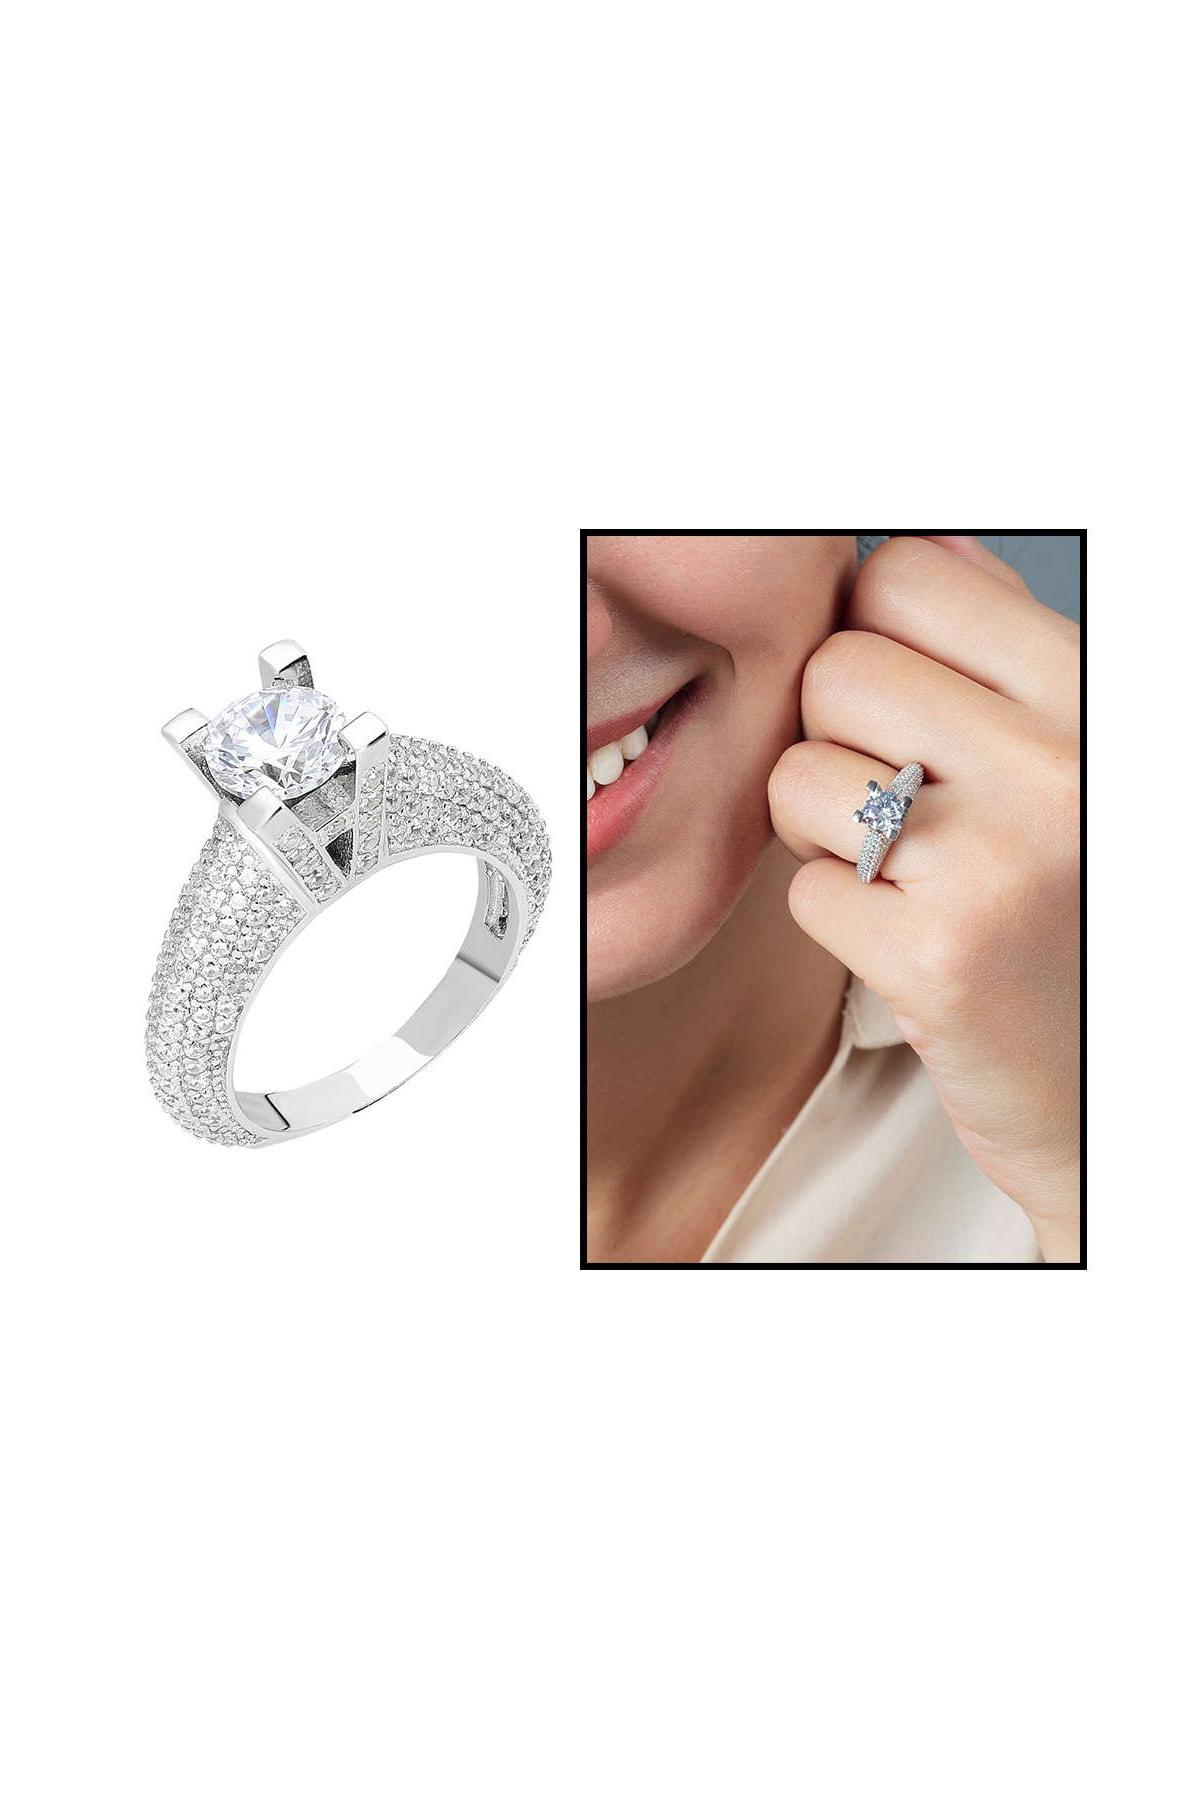 Tesbihane Starlight Diamond Pırlanta Montür Avangarde 925 Ayar Gümüş Bayan Tektaş Yüzük 102001803 1